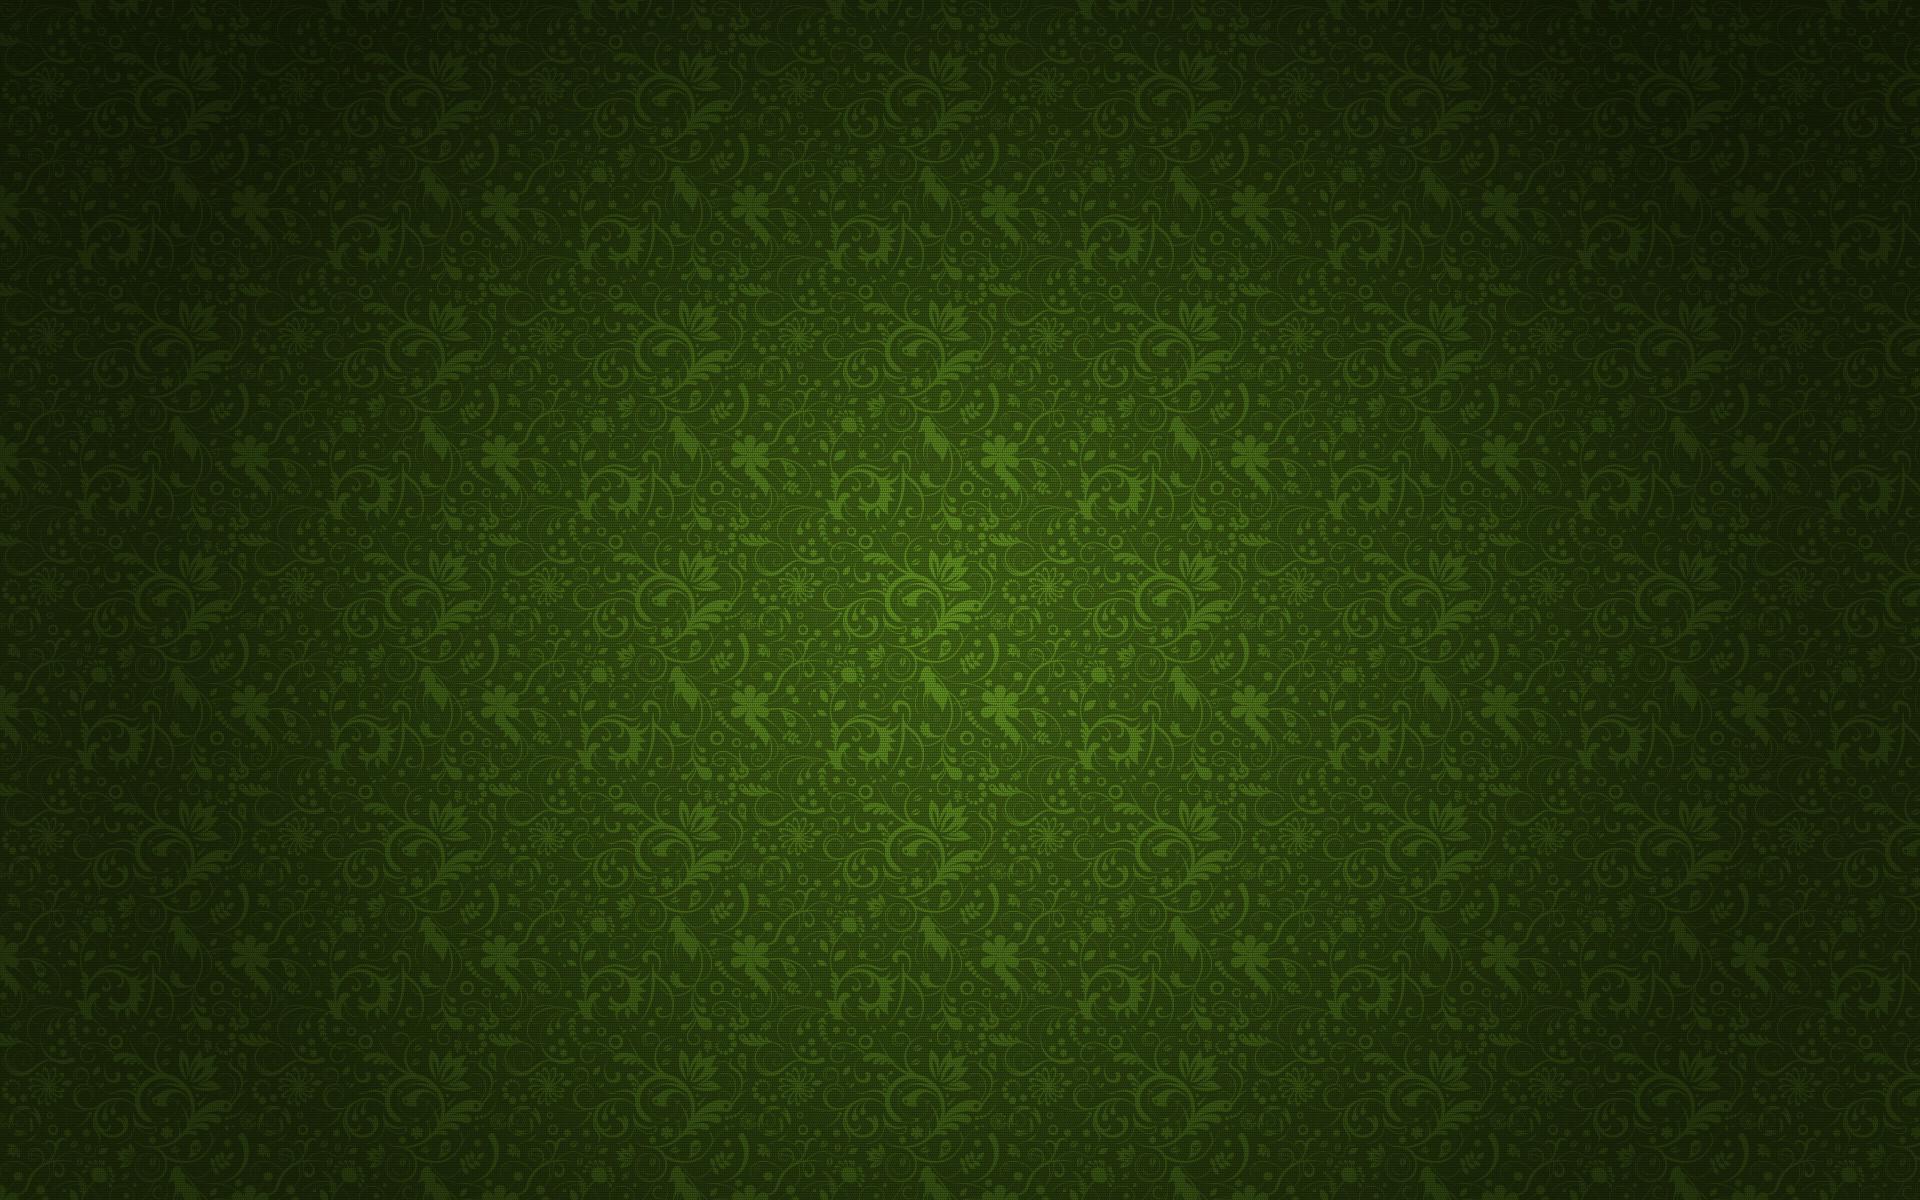 Green Wallpaper 15